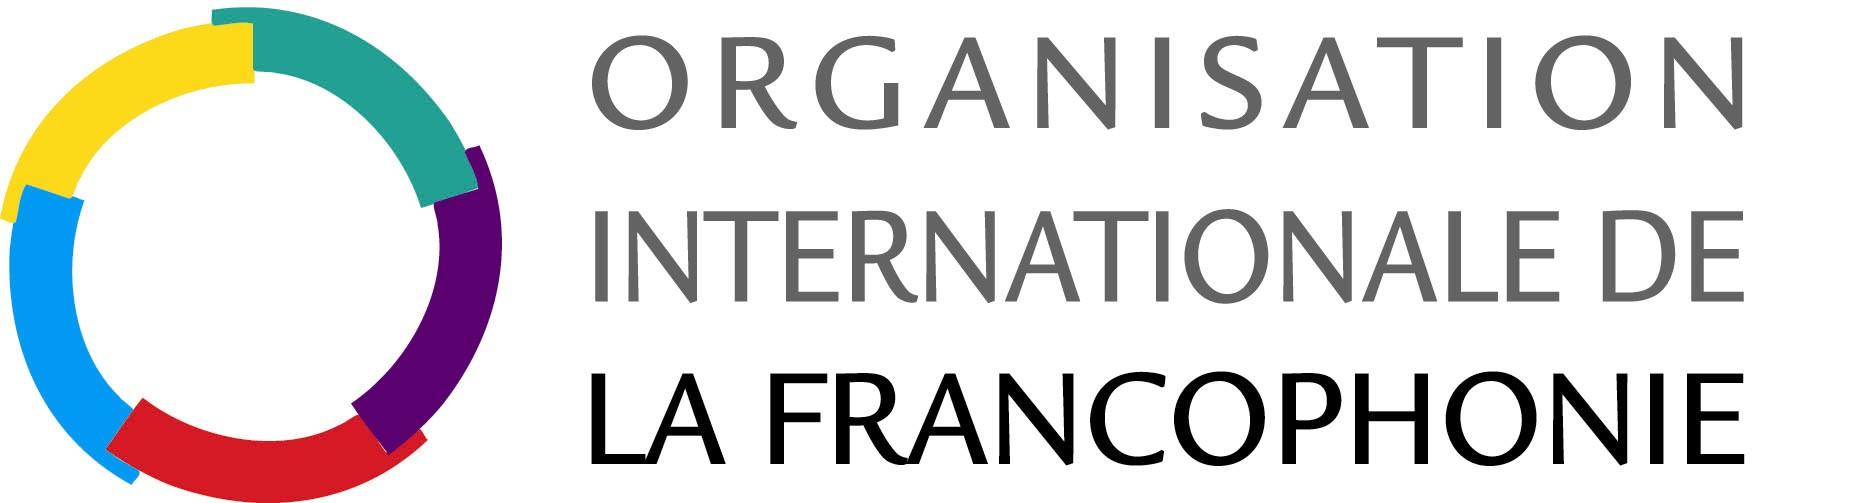 OIF Logo photo - 1